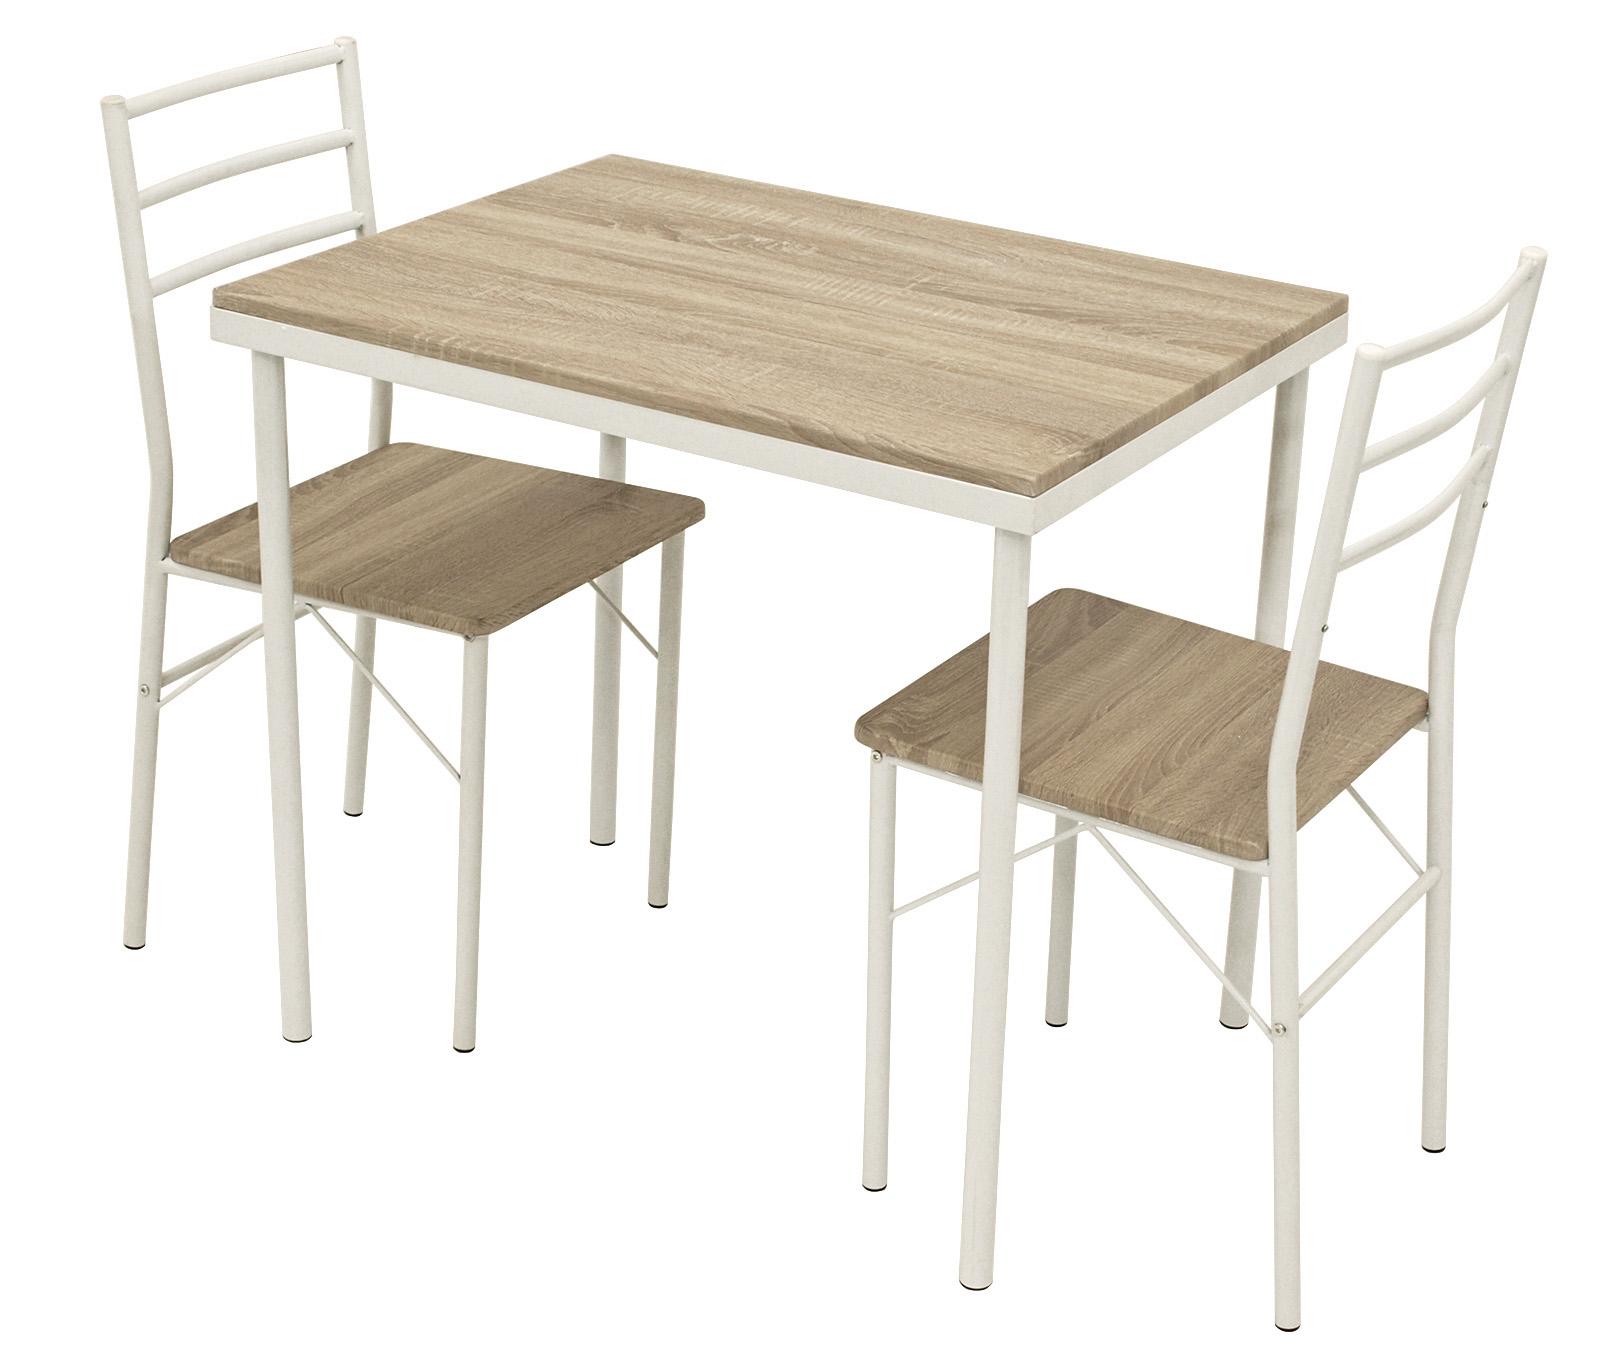 Essgruppe Tischgruppe Frühstücksset Stuhl Küchenset KÖLN 3-teilig ...